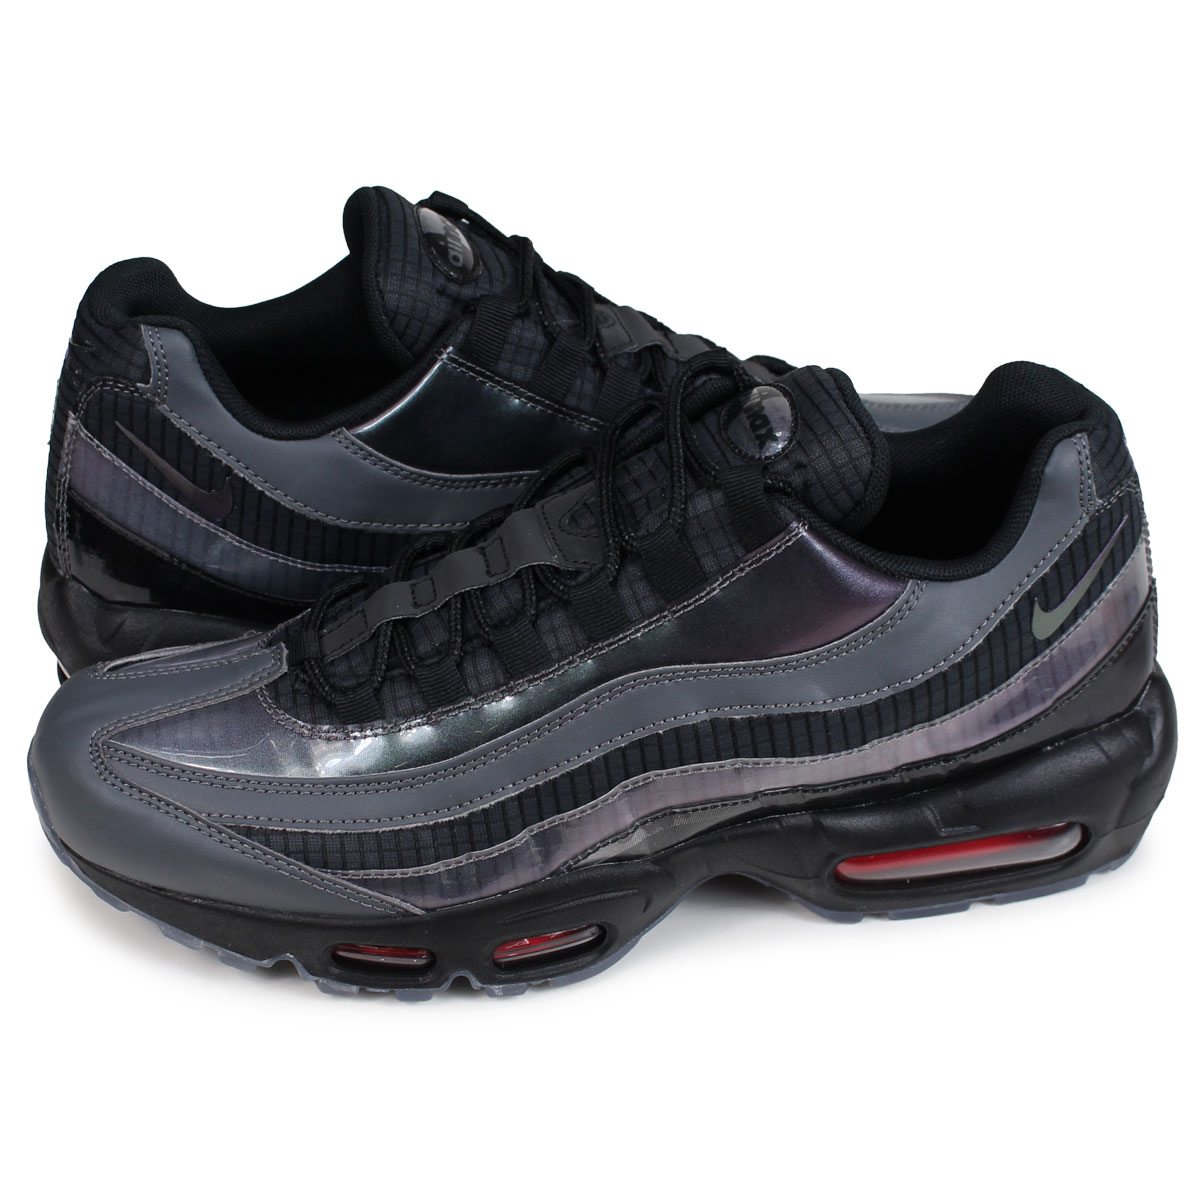 877dbaa385 Nike NIKE Air Max 95 sneakers men AIR MAX 95 LV8 black AO2450-001 ...